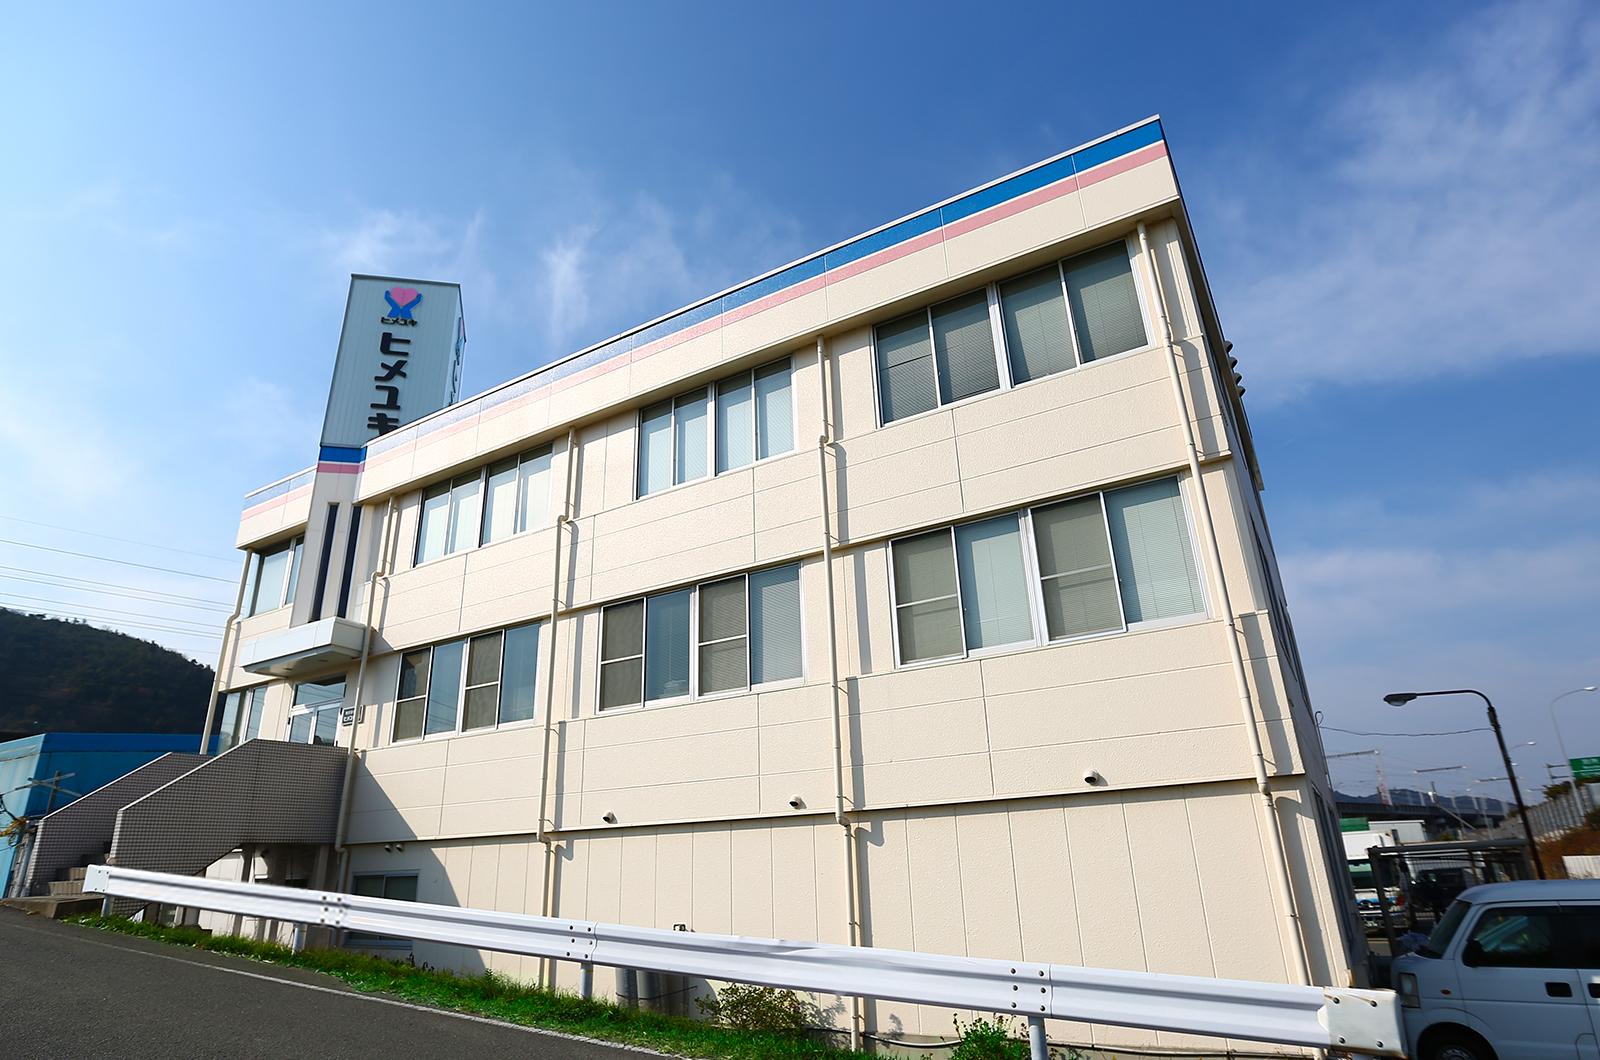 ヒメユキCS 本社ビル(物流センター)